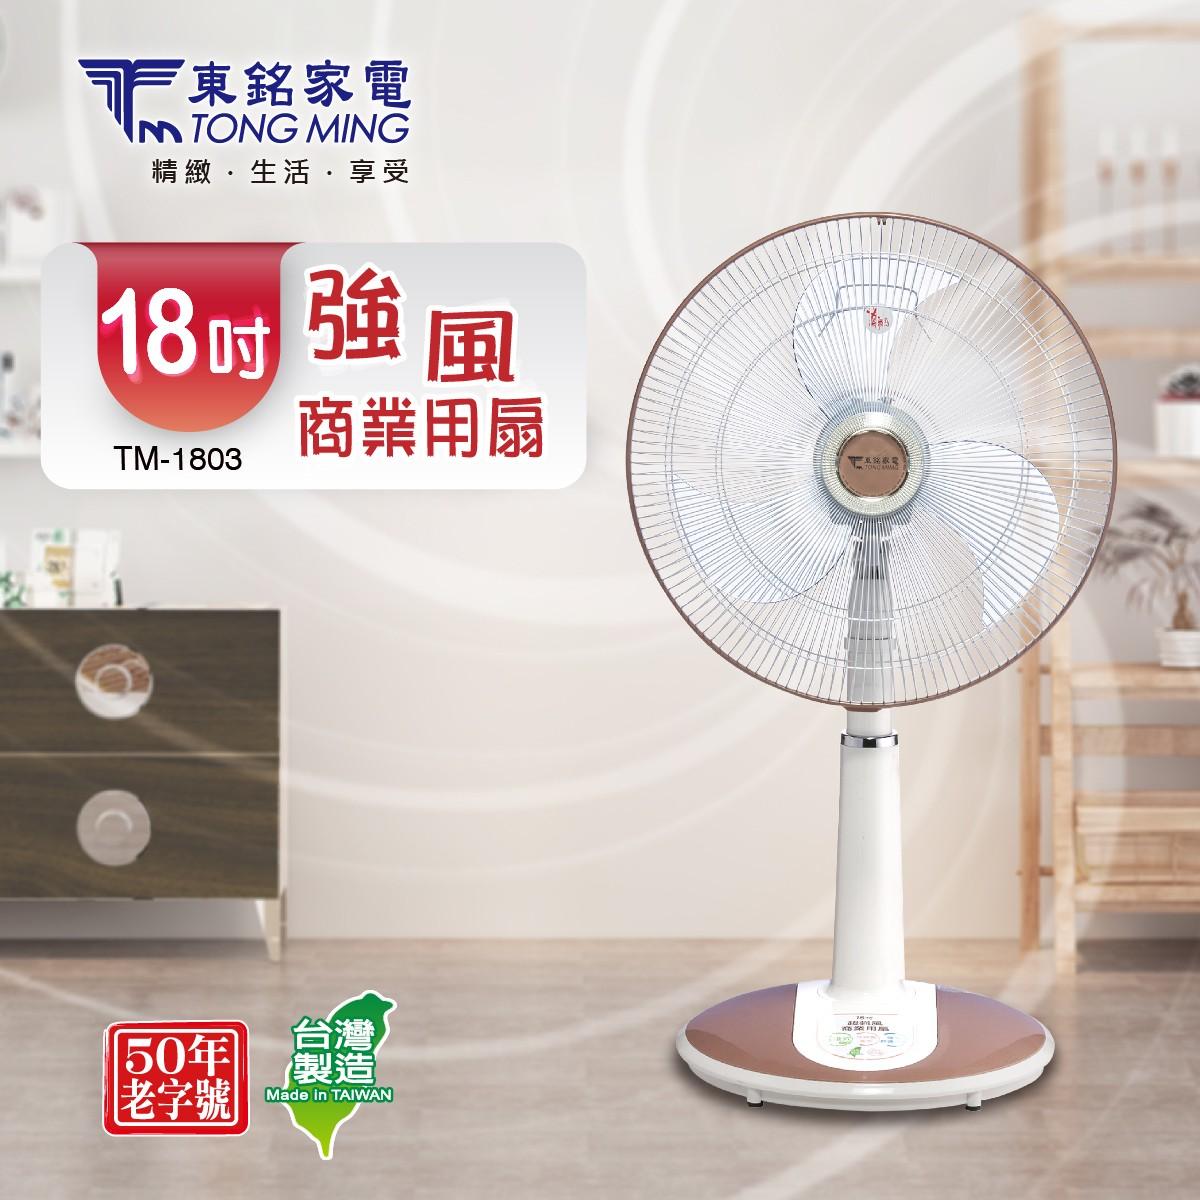 東銘 18吋強風商業用扇 TM-1803 工業電風扇